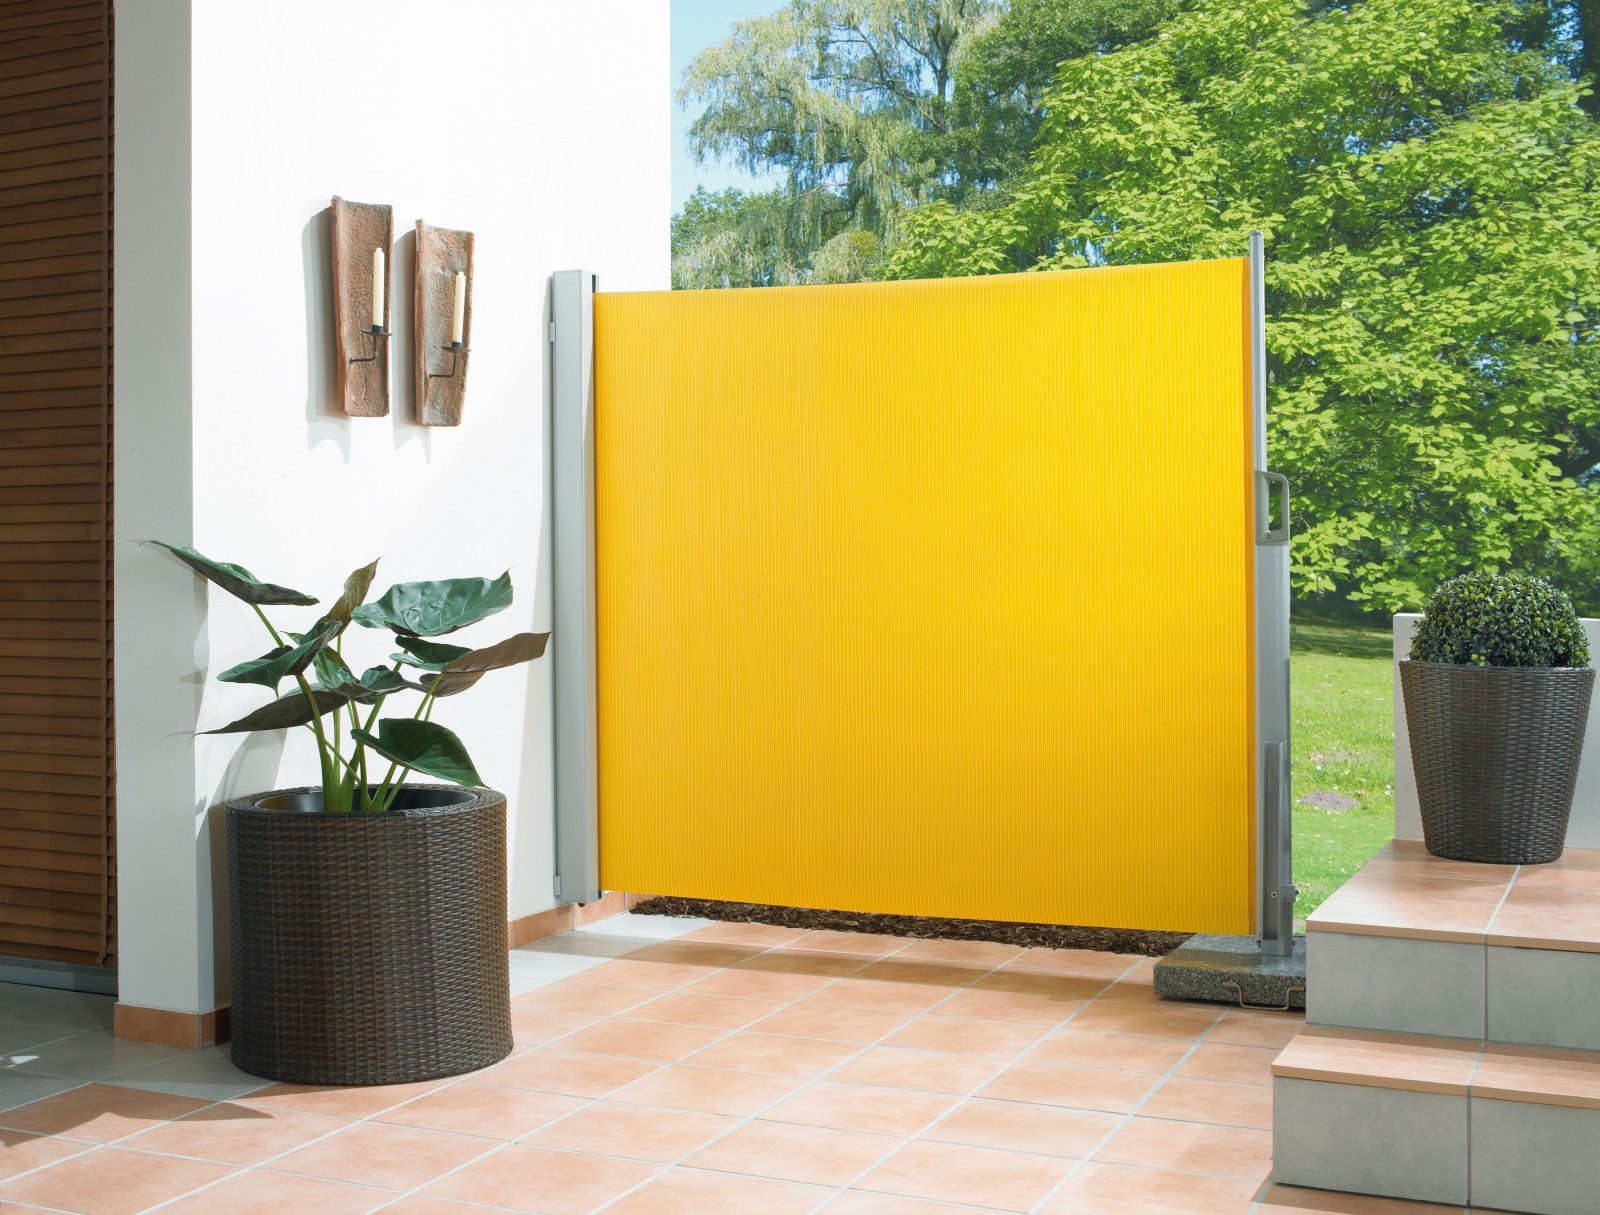 Genial Ehrfürchtige Sonnenschutz Terrasse Seitlich Zum Sichtschutz von Sichtschutz Terrasse Ohne Bohren Photo